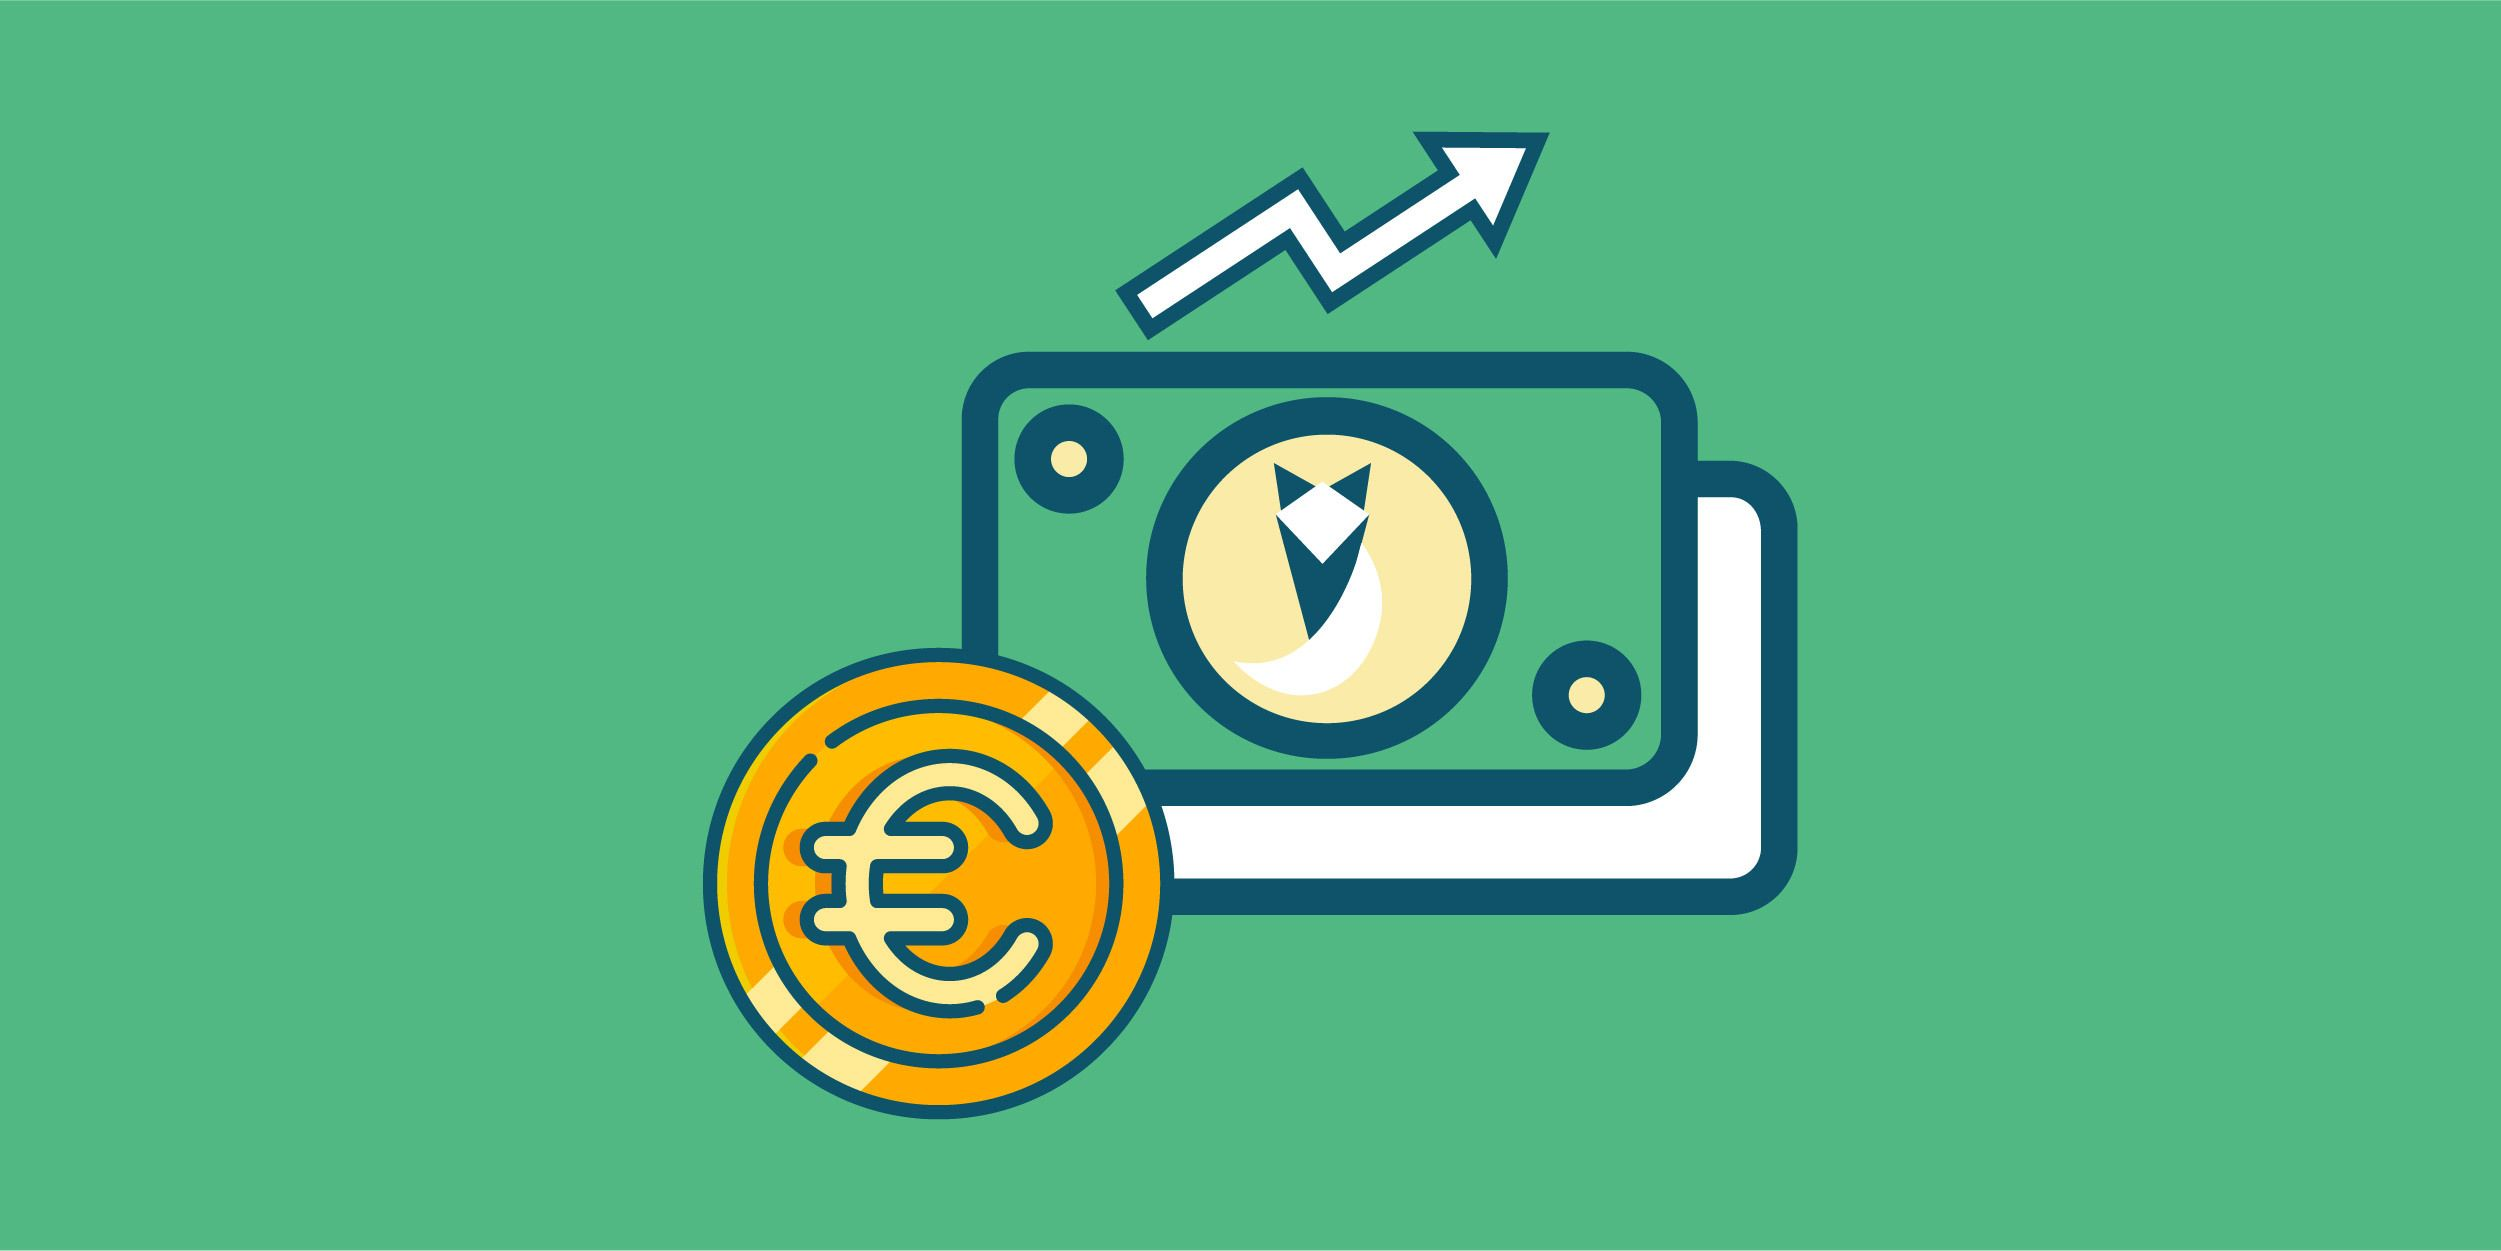 سعر اليورو في البنوك المصرية اليوم 22 أبريل 2021